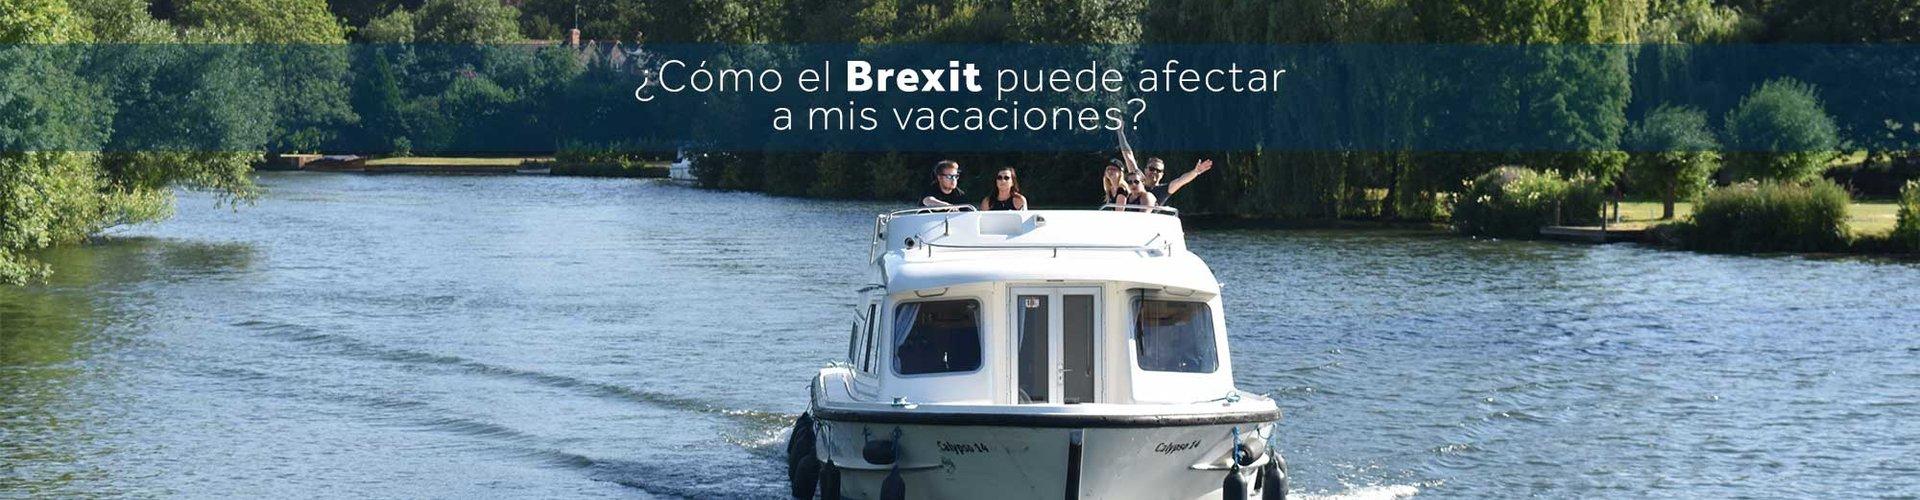 El Brexit y mis vacaciones